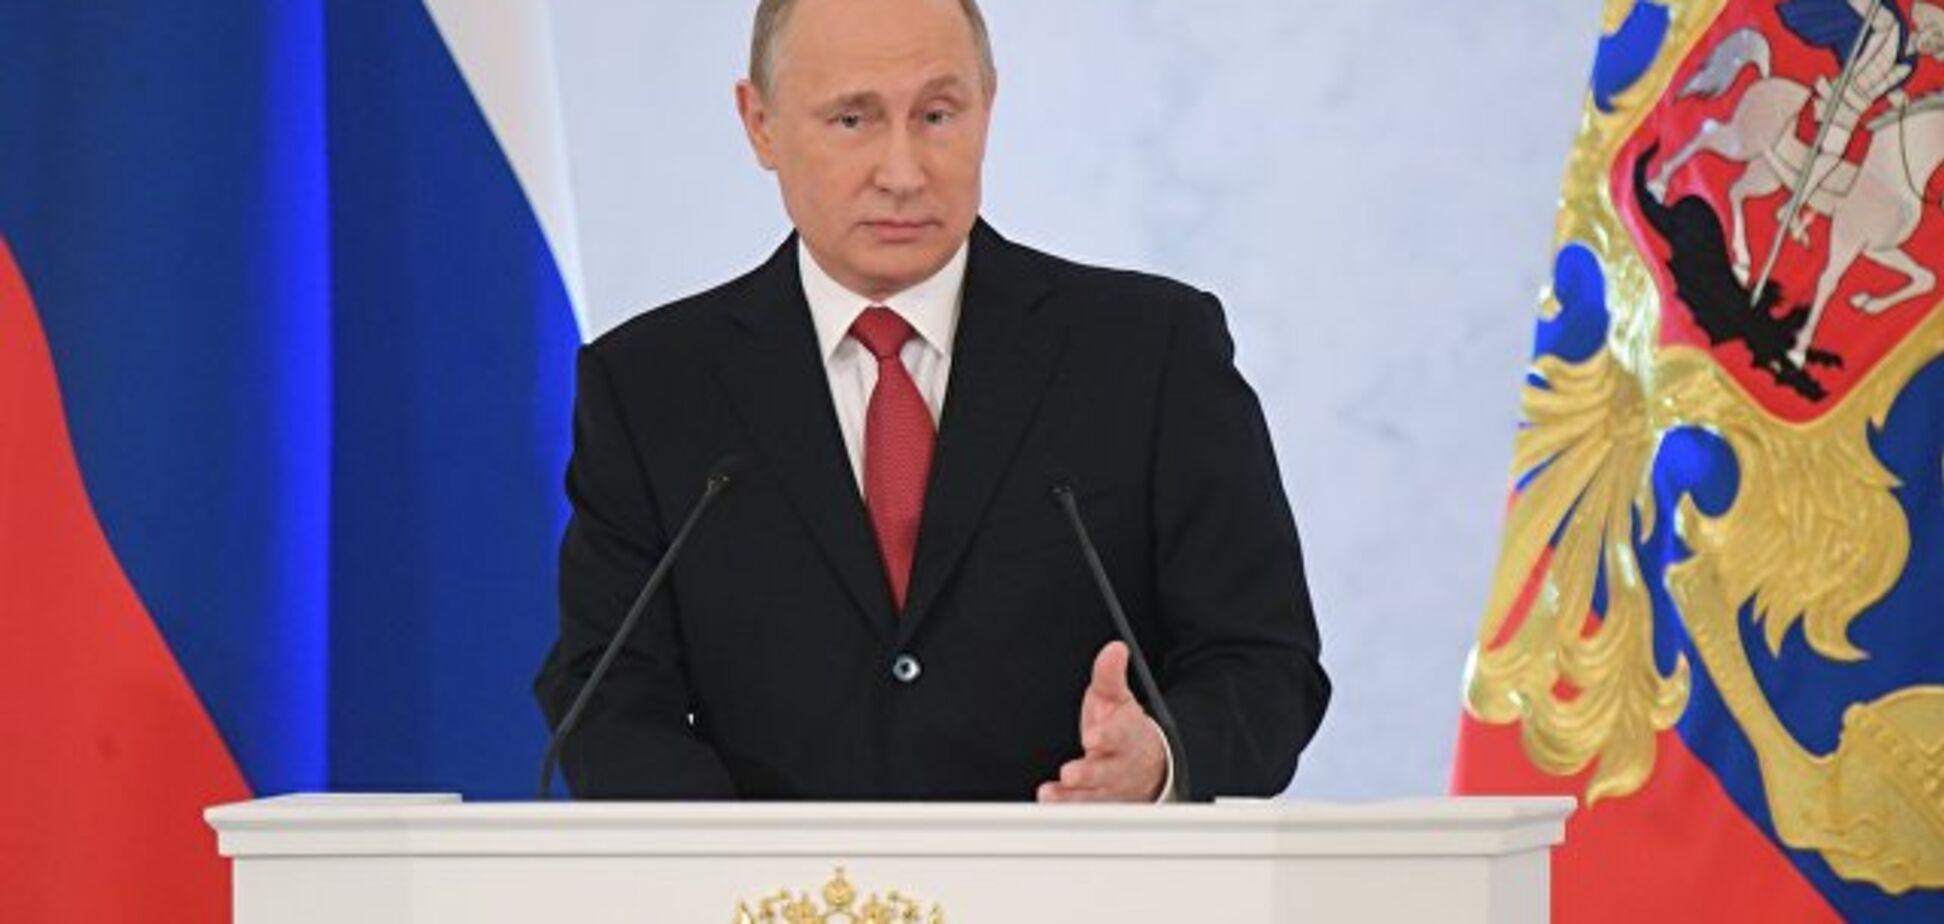 'Русский мир' не дає спокою: стало відомо, коли Путін спланував анексію Криму